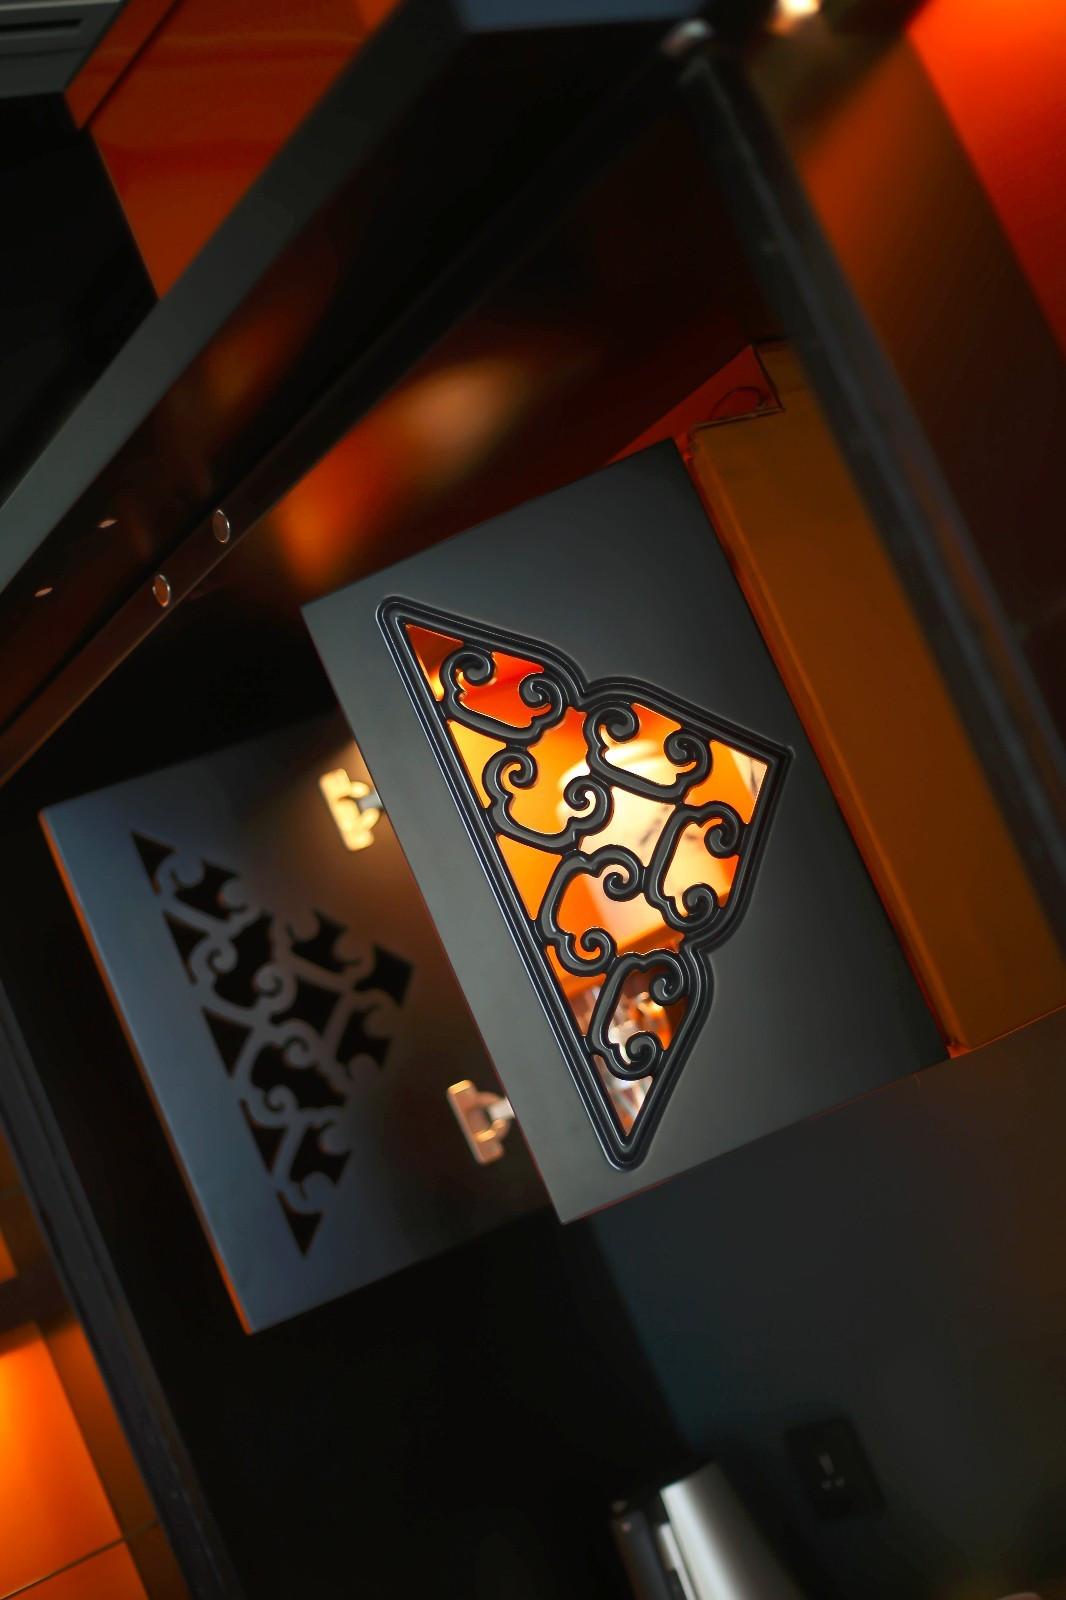 免费试住杭州顶级酒店泛海钓鱼台,?4258元的豪华江景房任你住!